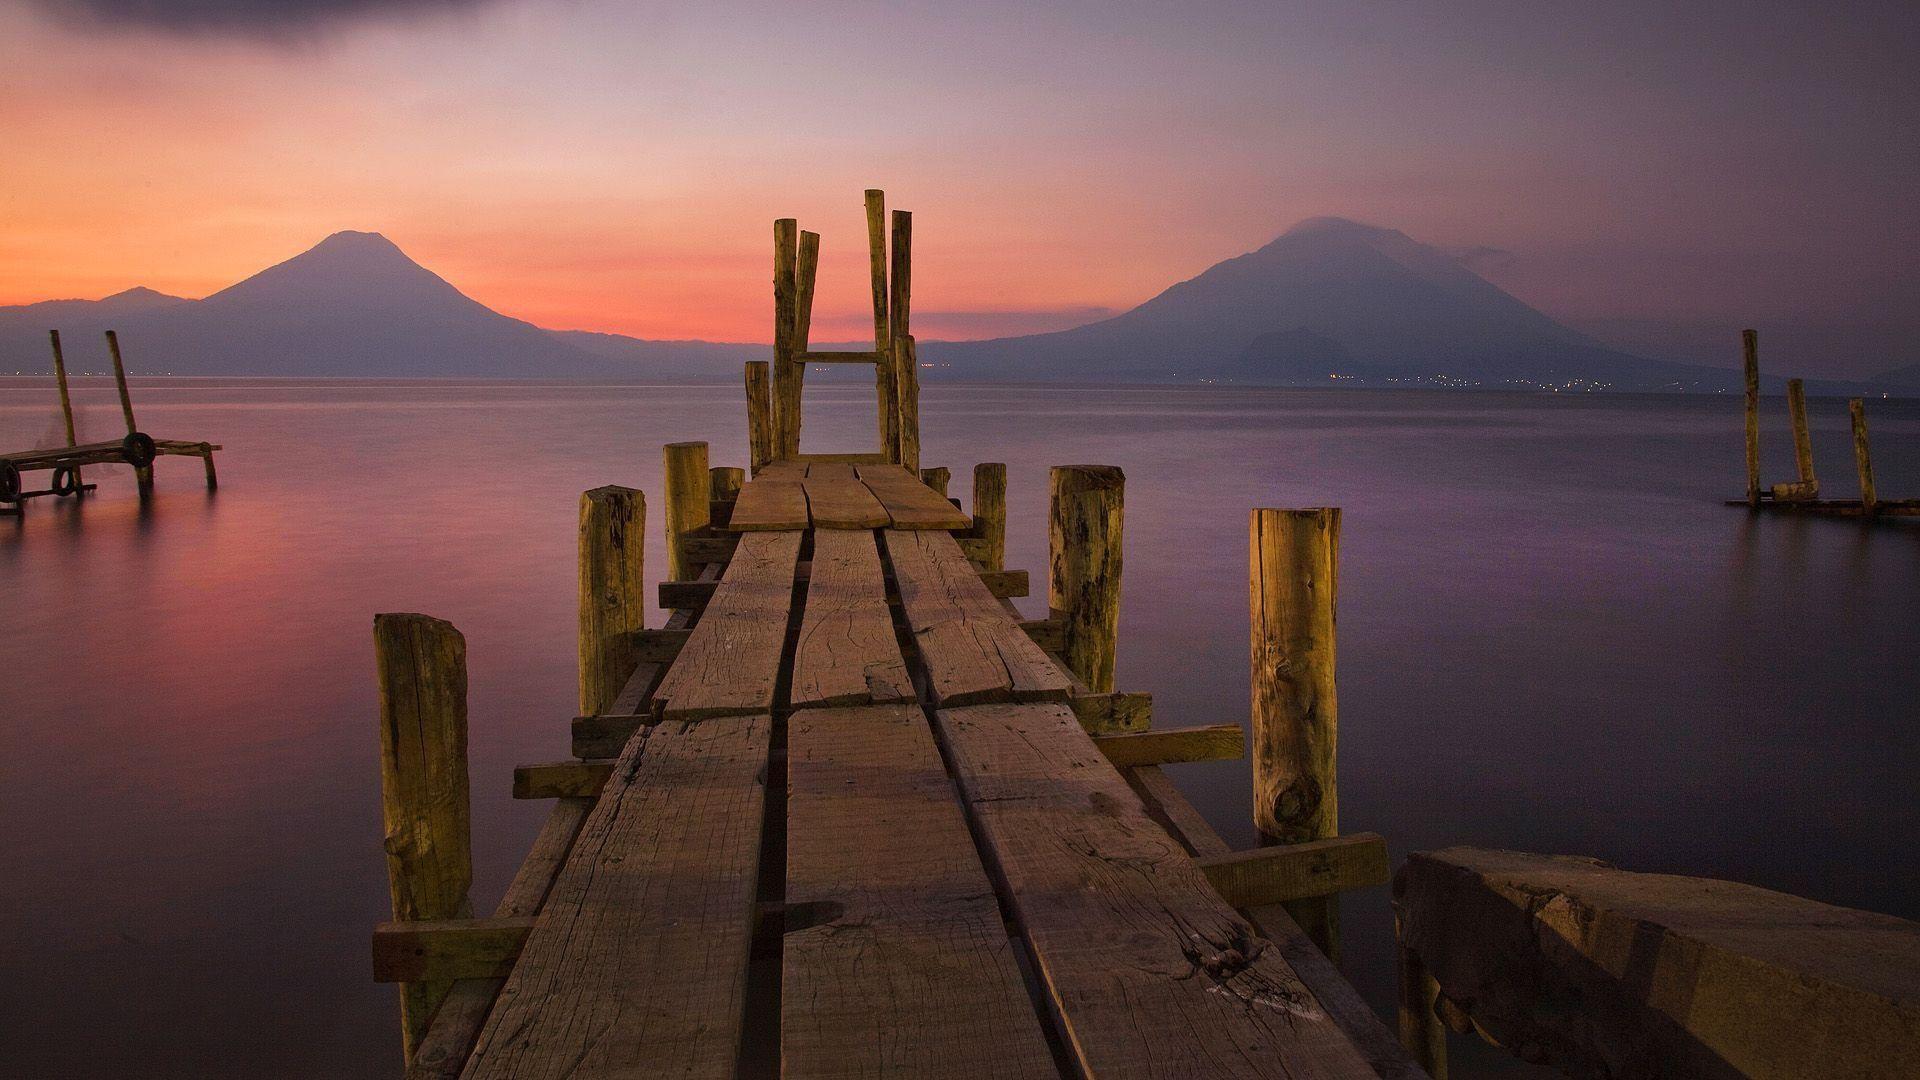 Guatemala tiene lindos lugares vamos iniciando el proyecto explore lake atitlan hd wallpaper and more guatemala tiene lindos lugares altavistaventures Images